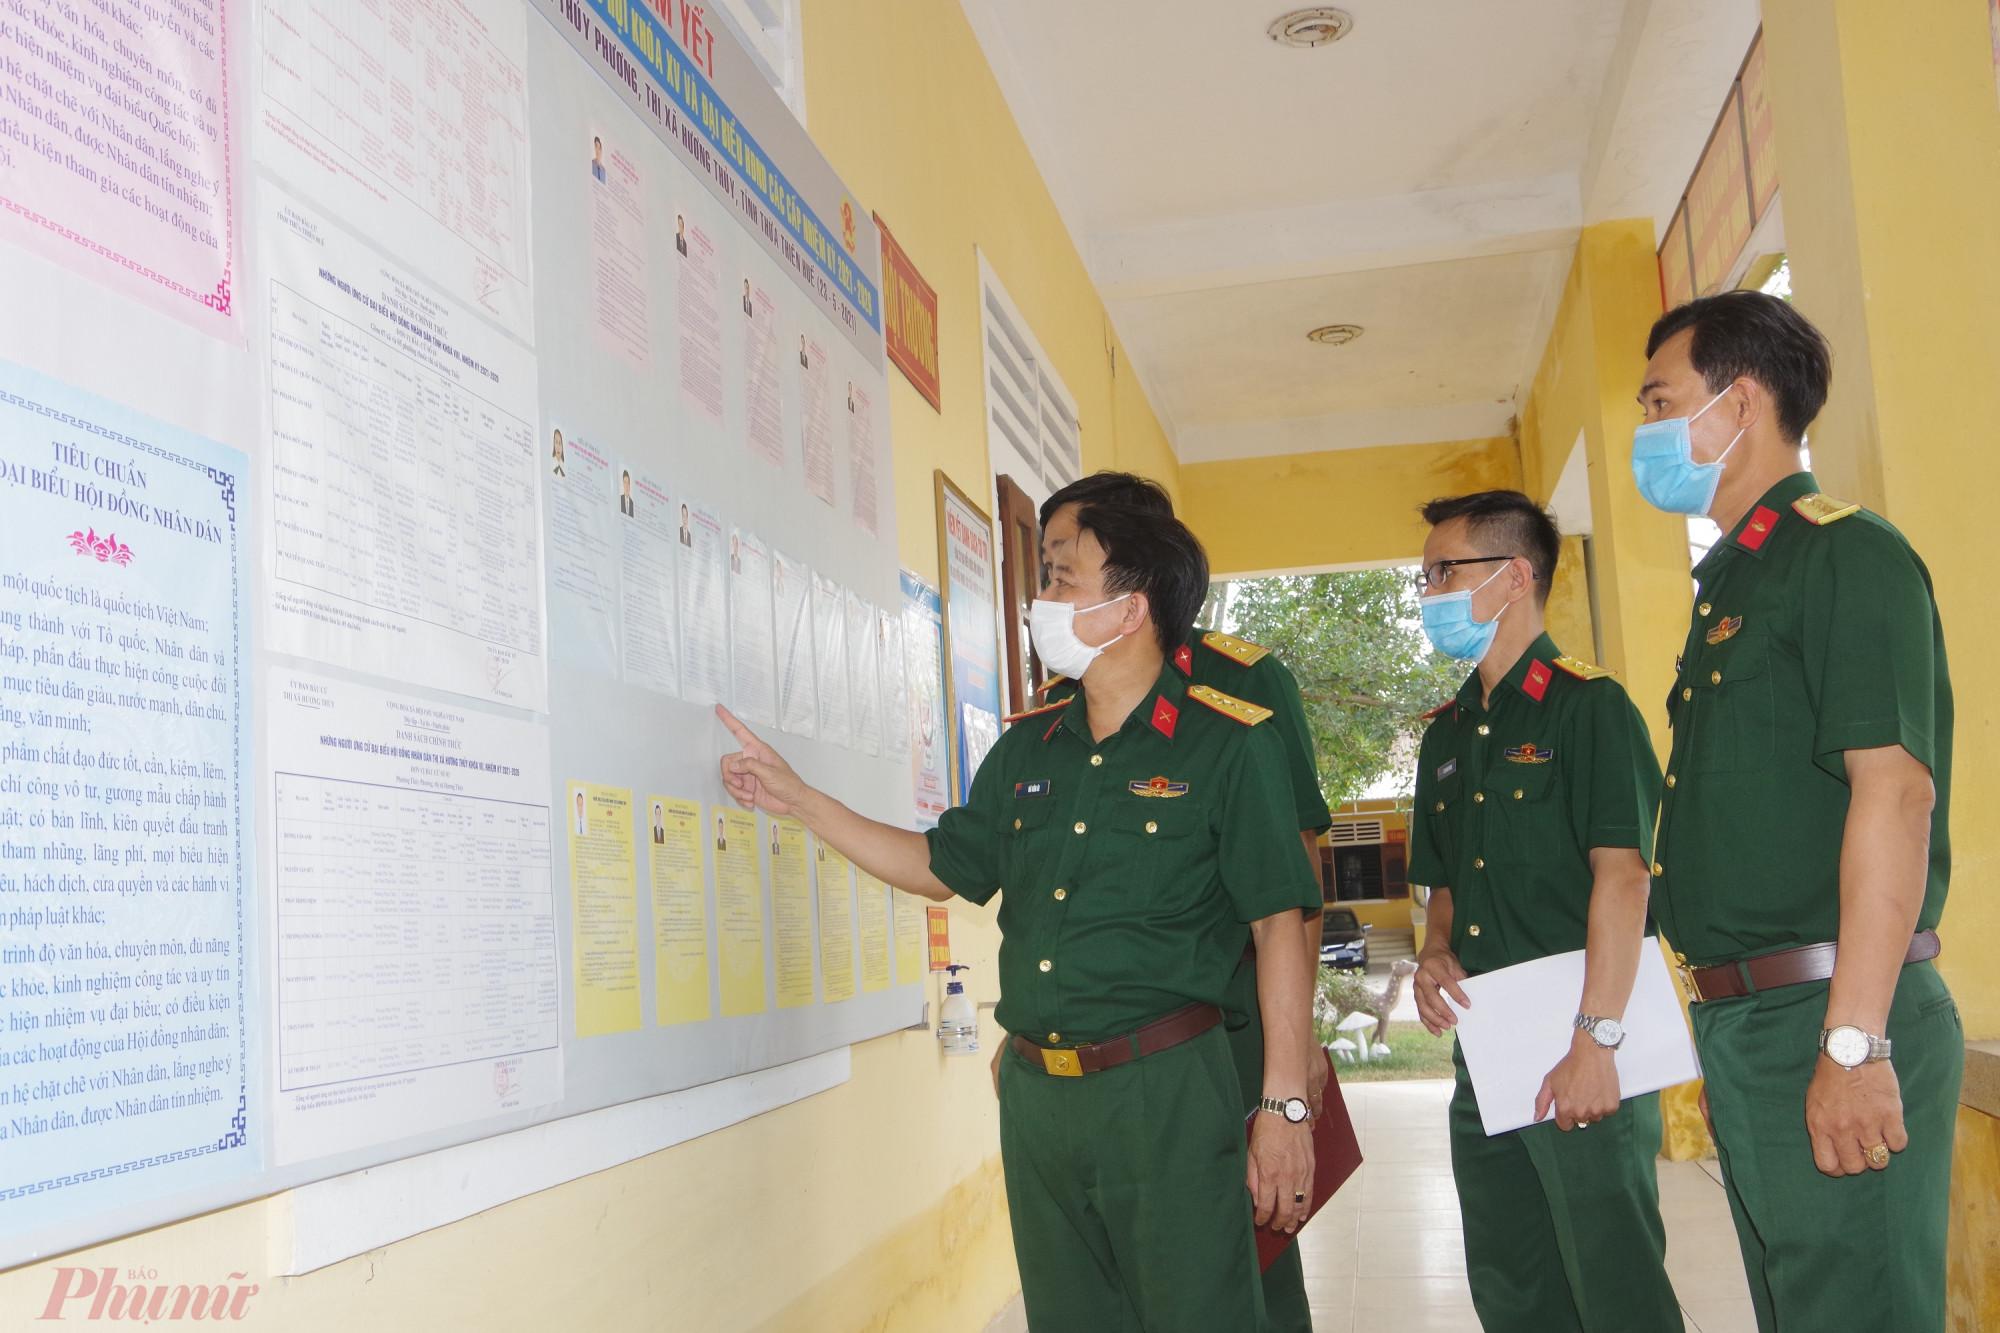 Nhằm chuẩn bị tốt cho công tác bầu cử vào ngày mai 23/5 Bộ CHQS tỉnh đã luôn đi kiểm tra công tác sẵn sàng chiến đấu bảo vệ cho bầu cử ĐBQH và HĐND các cấp, nhiệm kỳ 2021 – 2026 tại các cơ quan, đơn vị